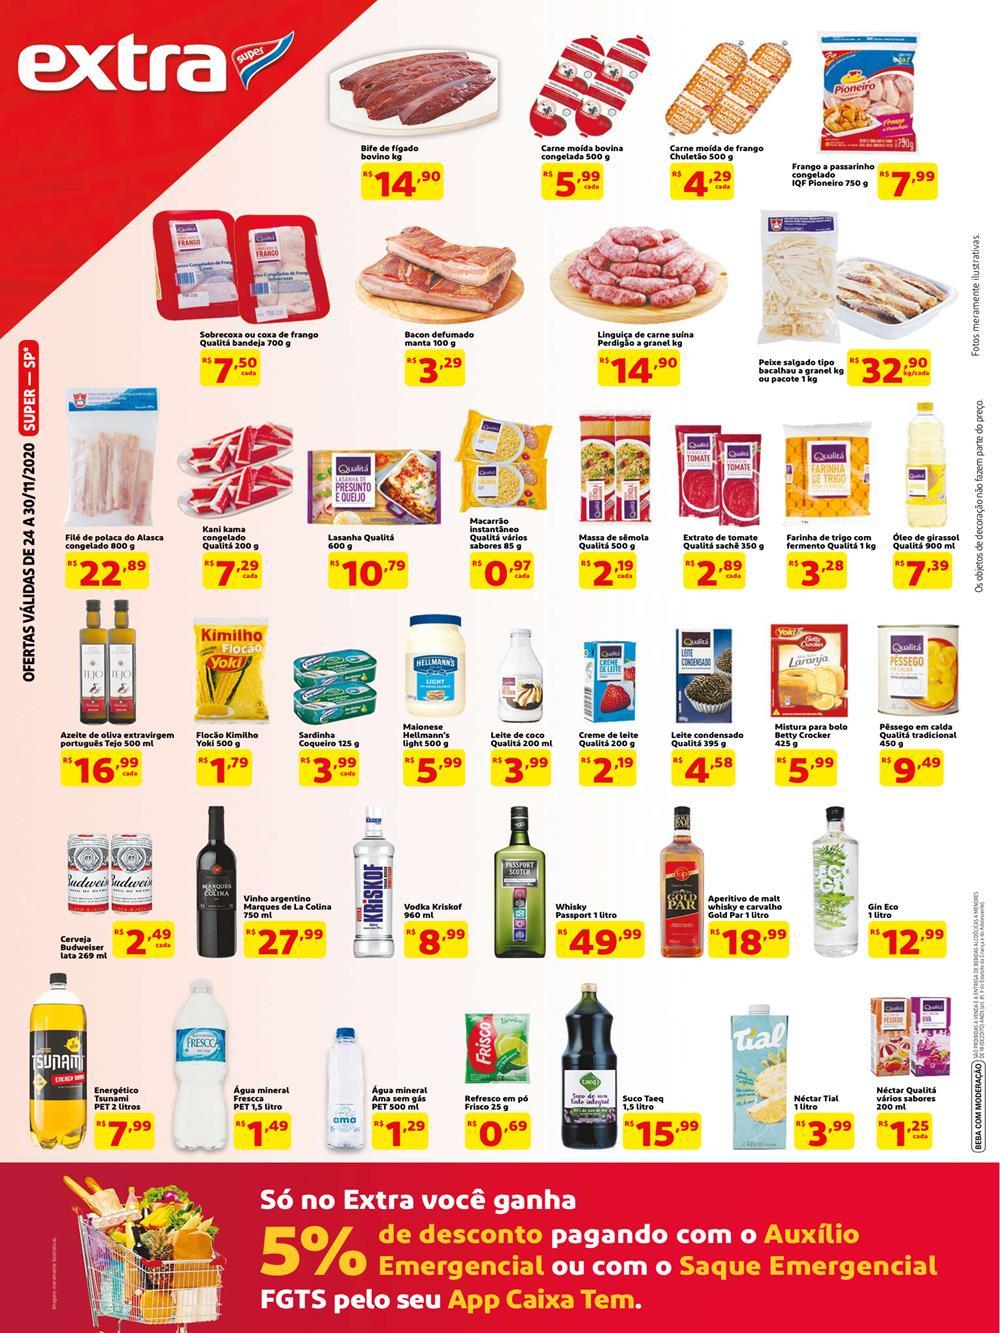 extra-ofertas-descontos-hoje6-4 Super Extra até 30/11